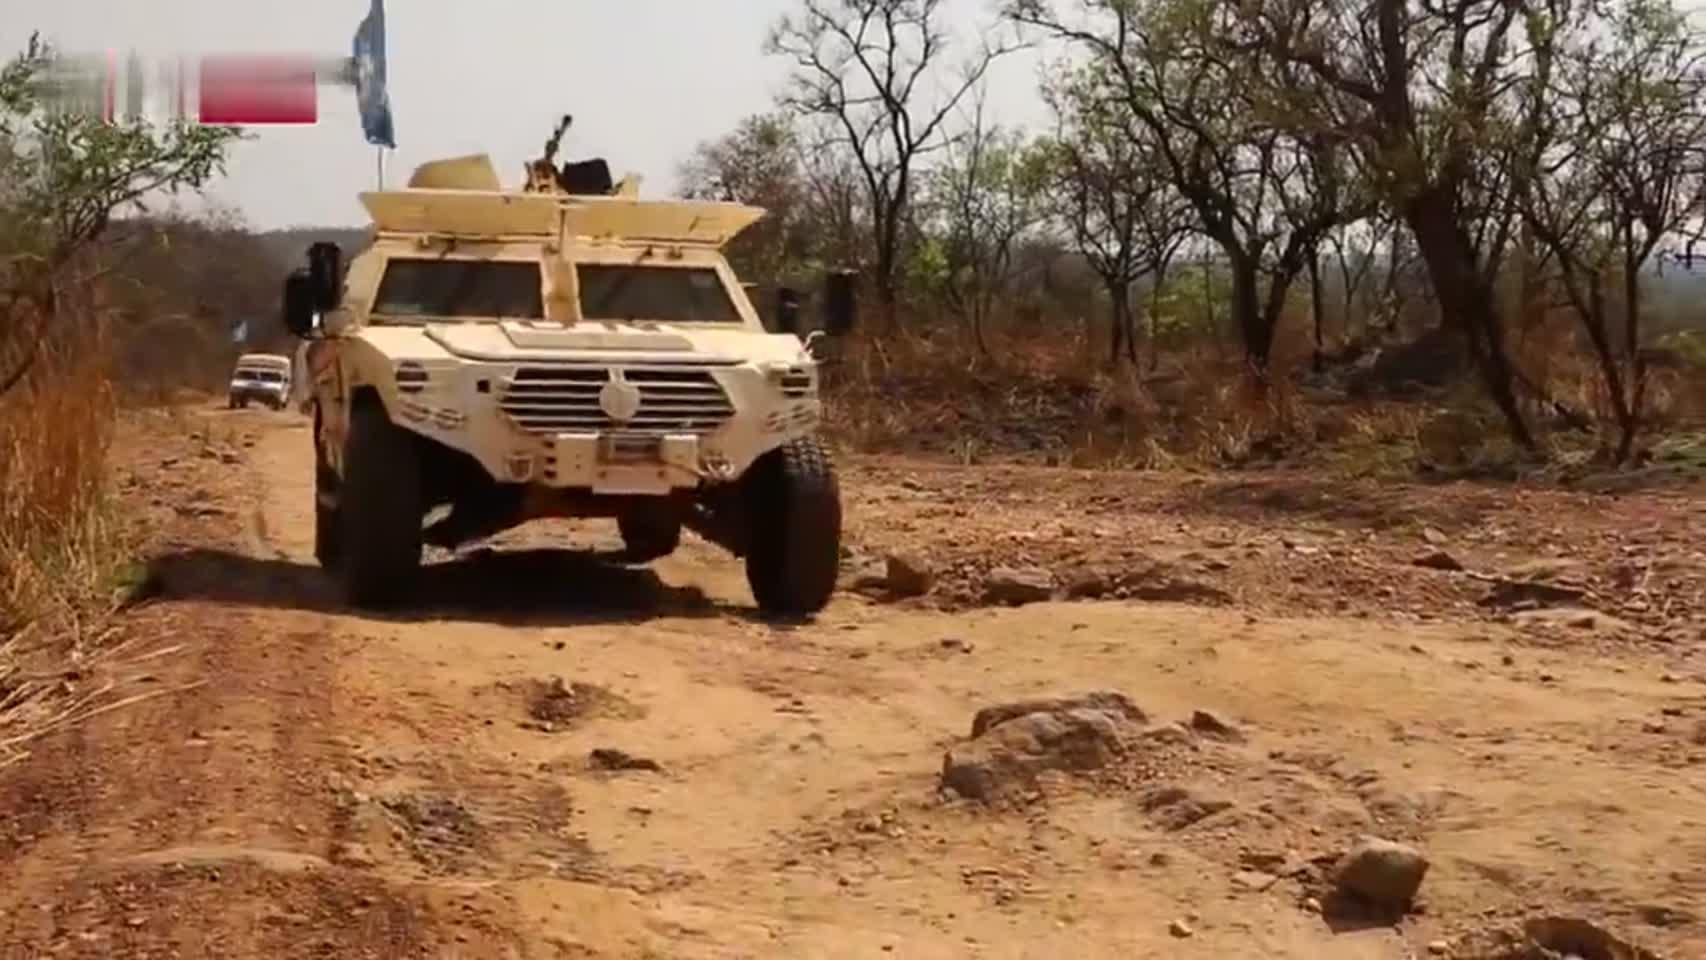 中国驻南苏丹维和步兵营圆满完成武装护卫任务